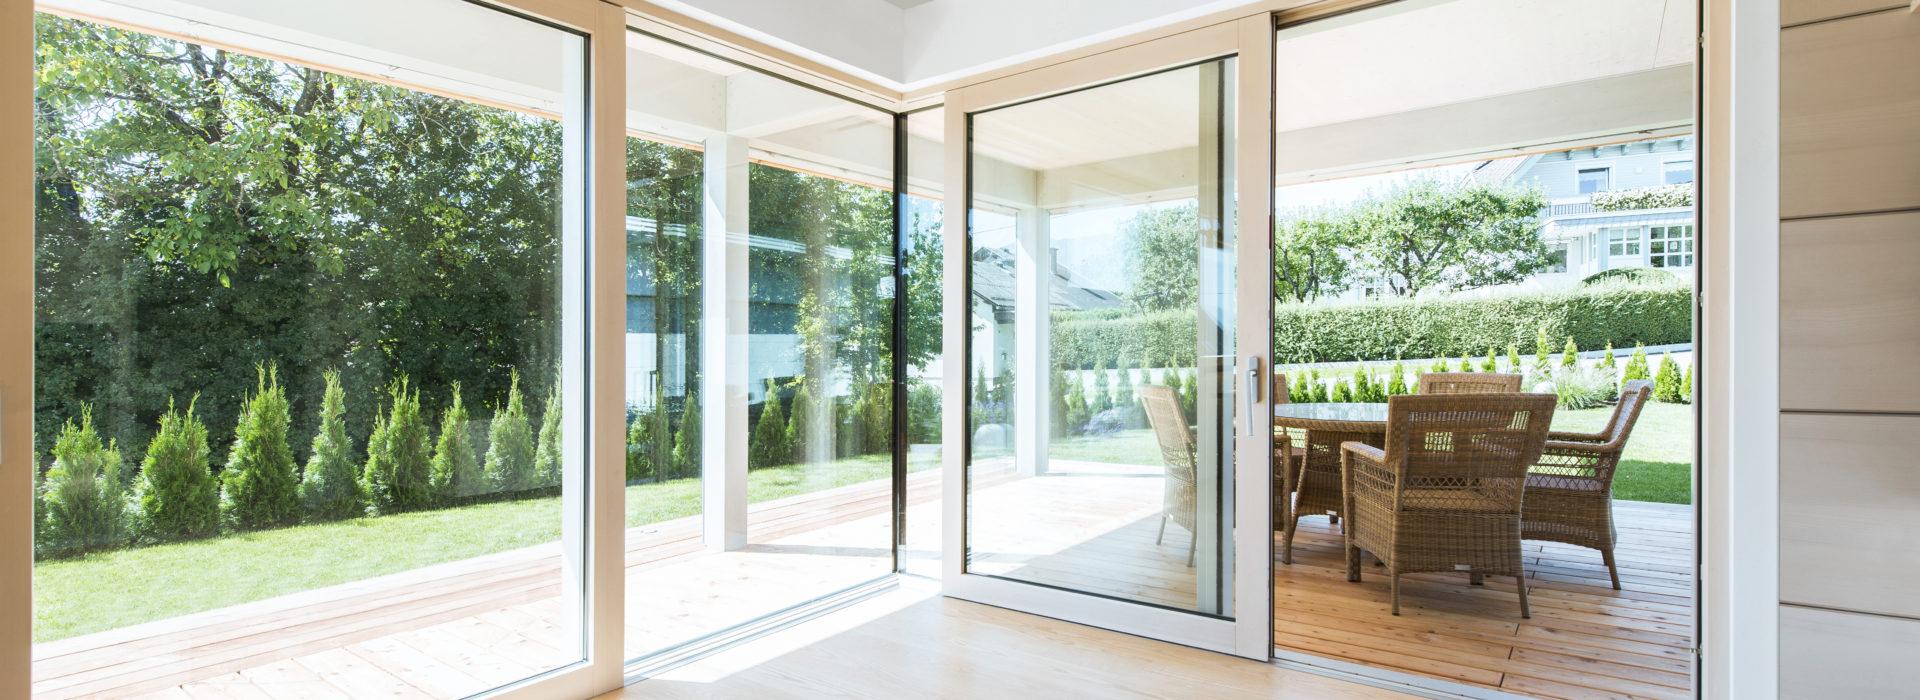 Fenêtre Bois aluminium - Devis, Pose & Prix - Vaud et Genève